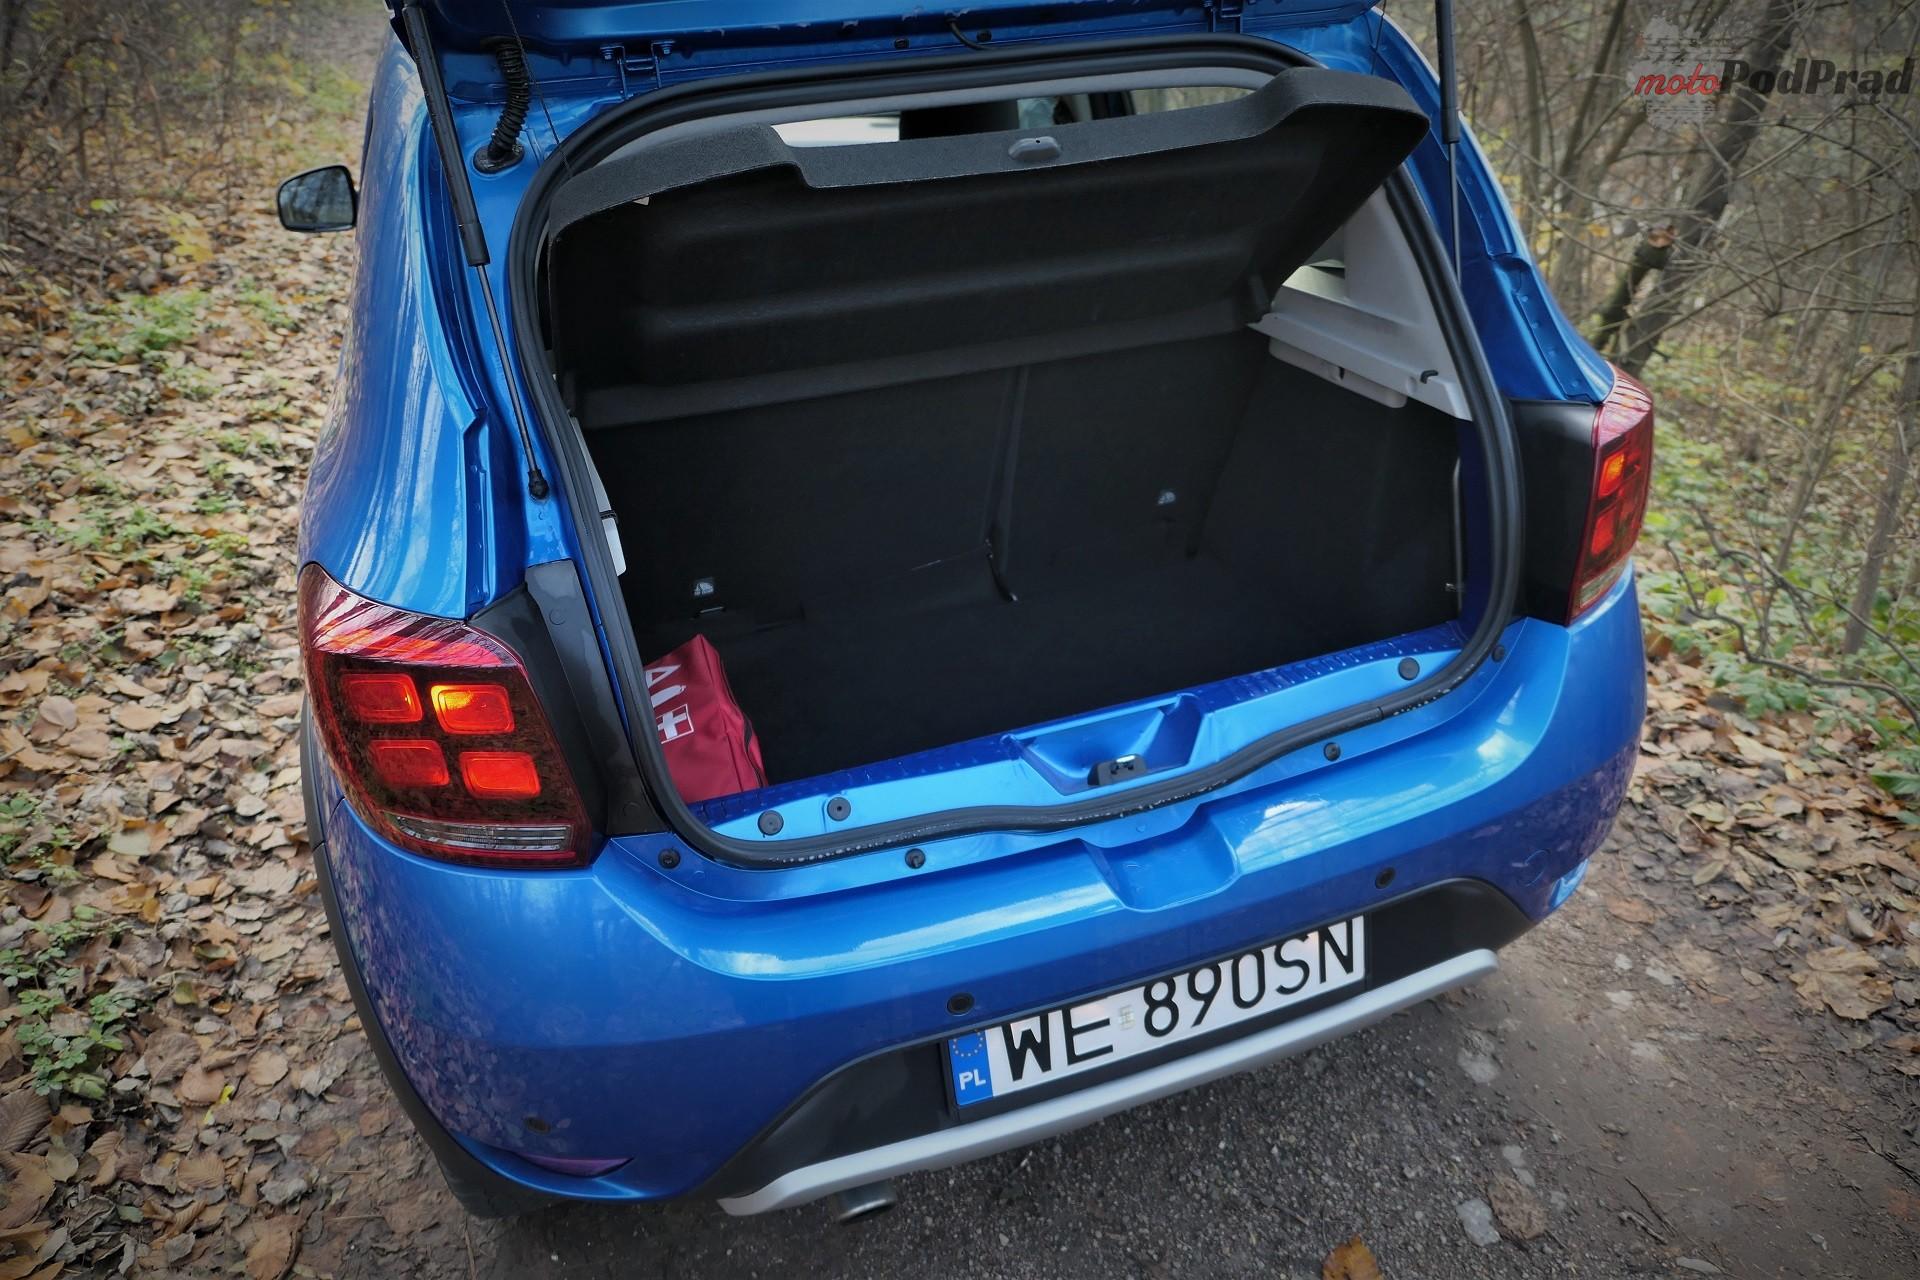 Dacia Sandero Stepway 2 Test: Dacia Sandero Stepway   w prostocie siła